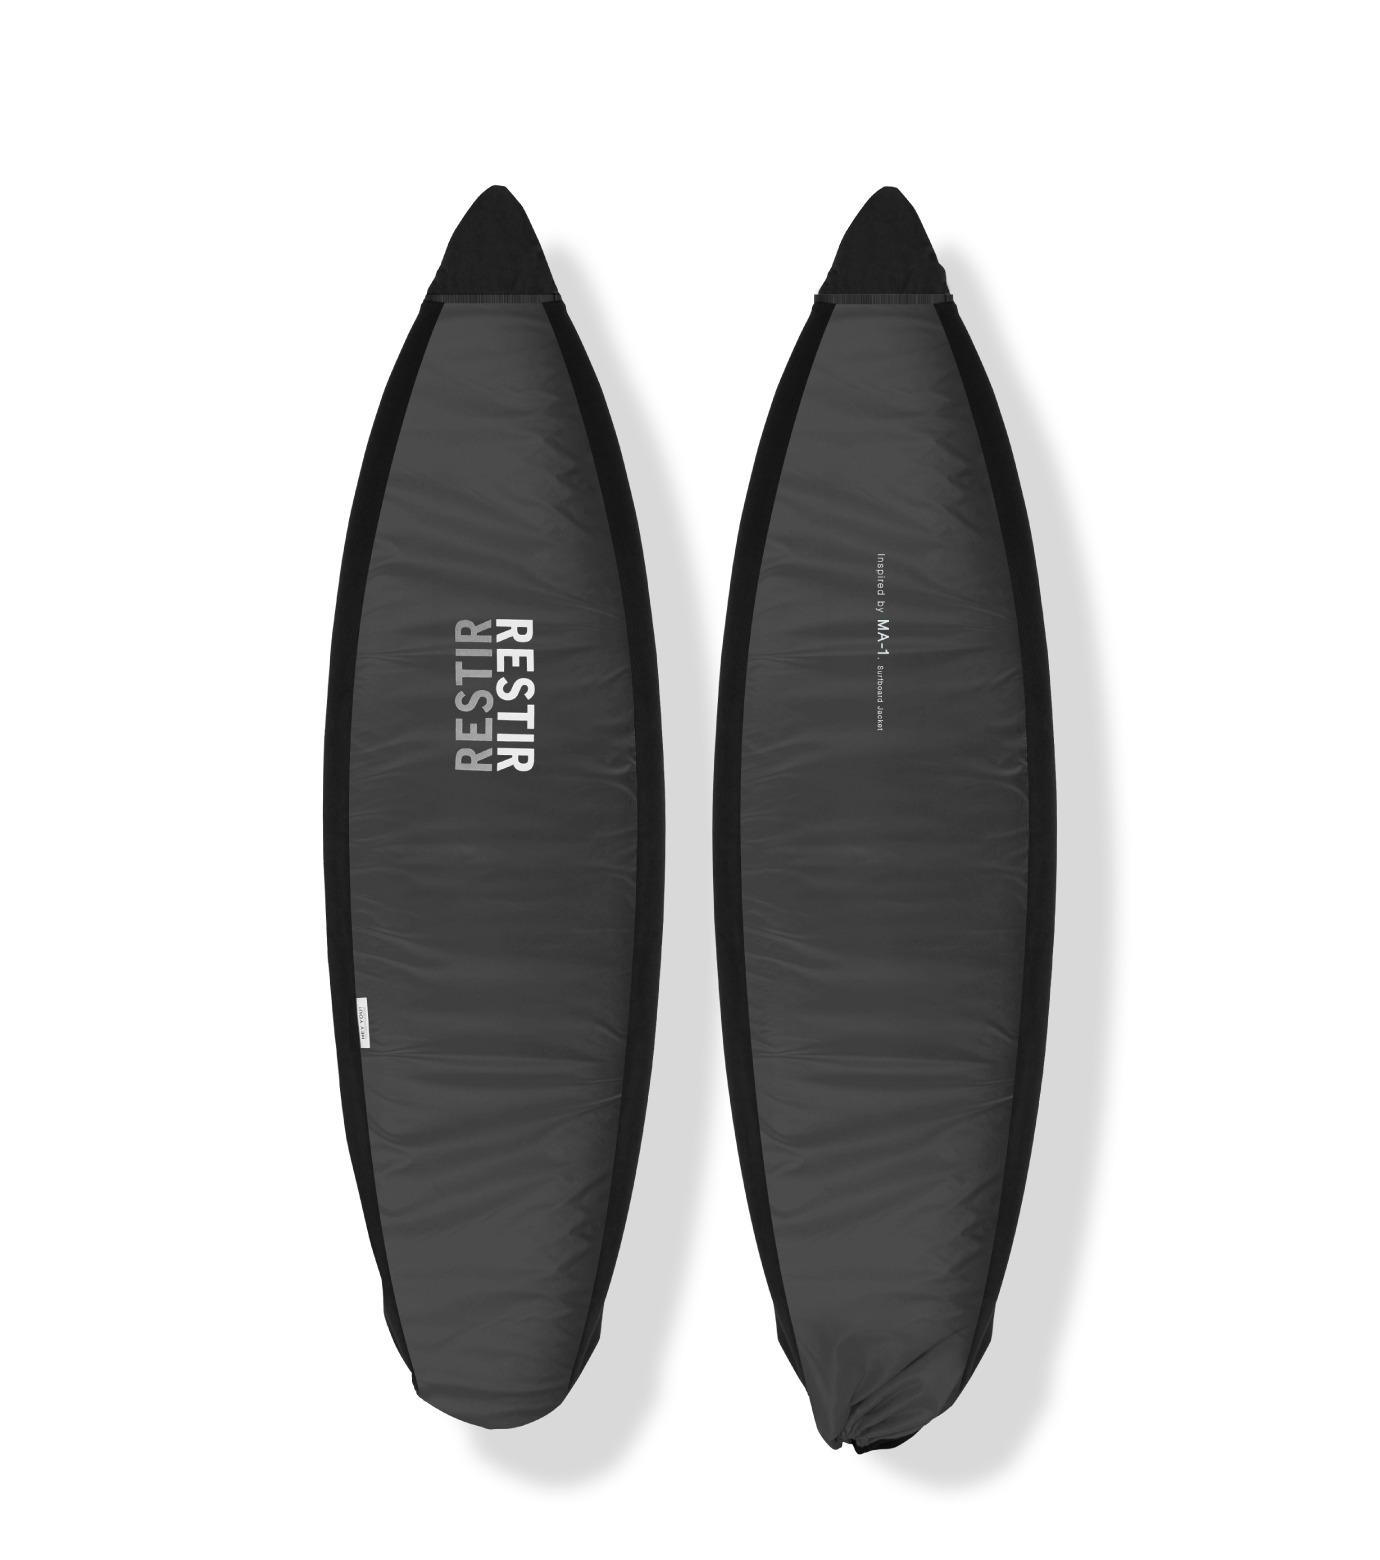 HEY YOU !(ヘイユウ)のSurfboard Jacket Short-BLACK(サーフ/OUTDOOR/surf/OUTDOOR)-18S90007-13 拡大詳細画像1